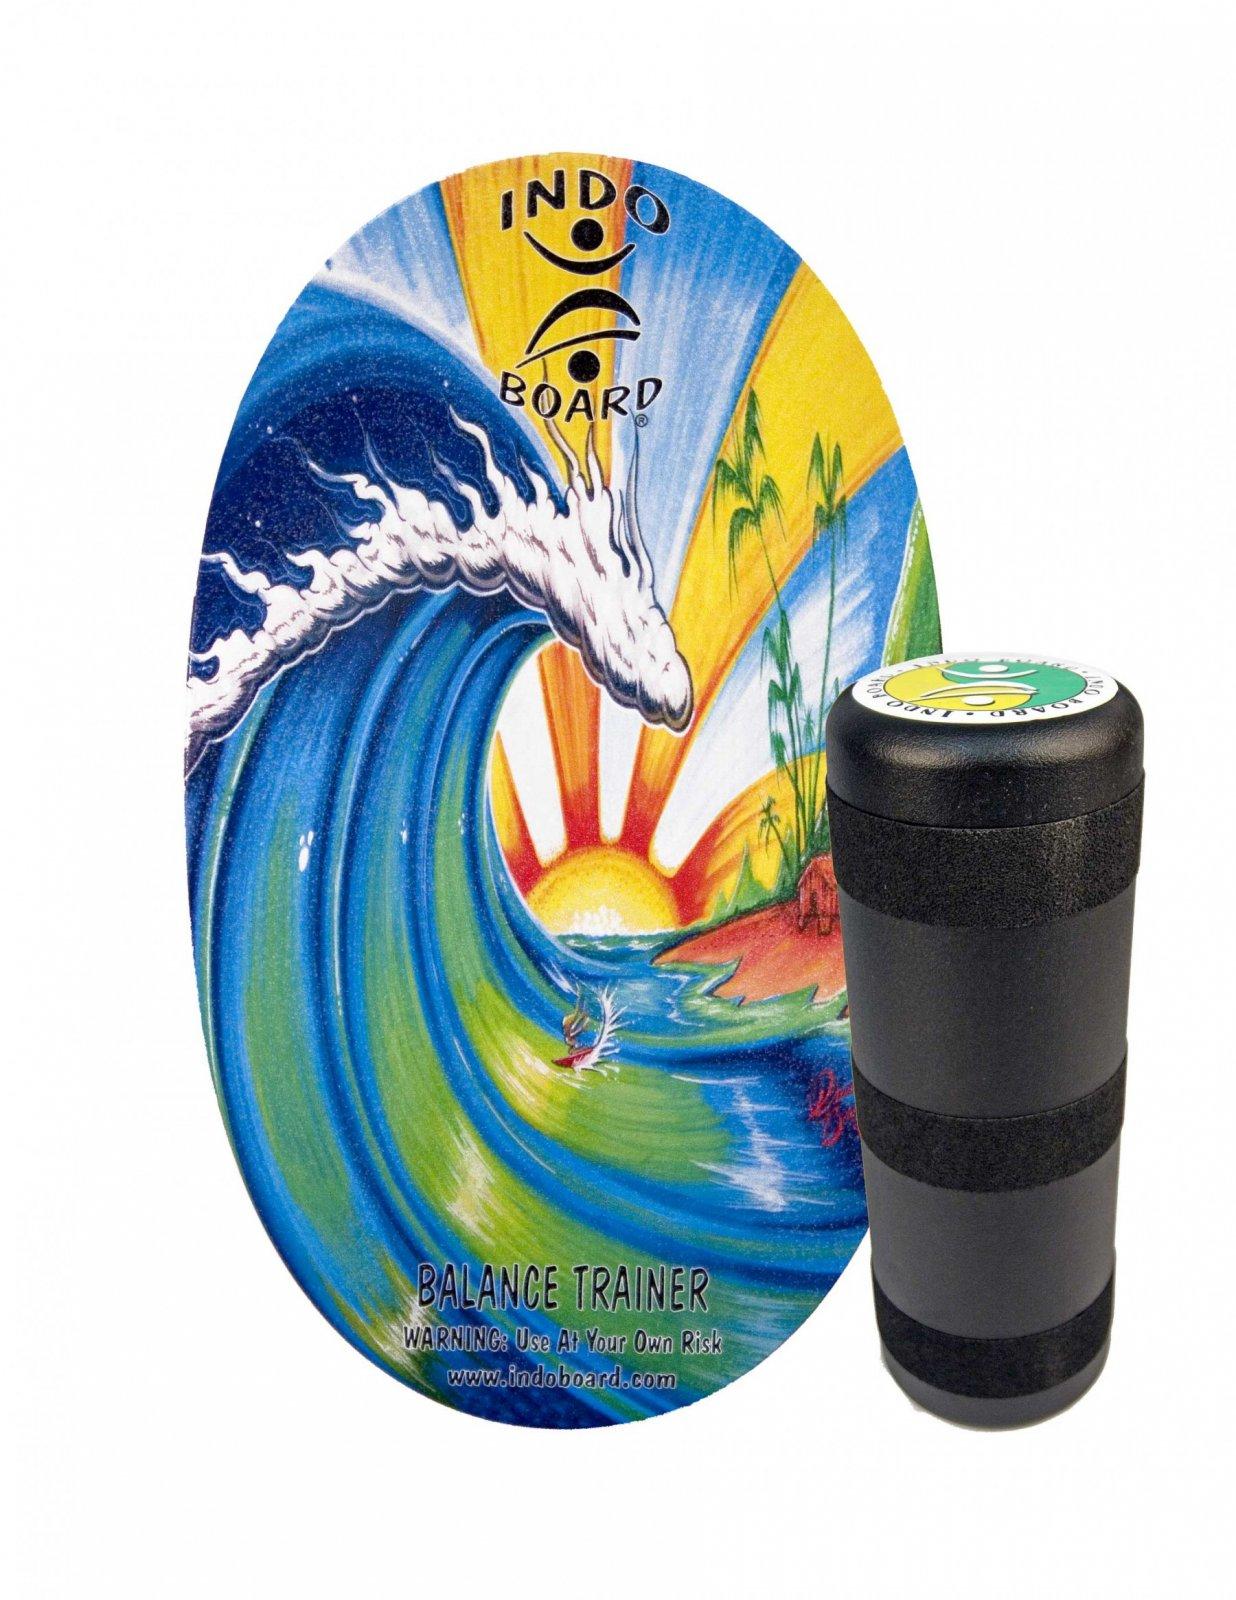 Indo Board Original Color- Special Edition - Drew Brophy